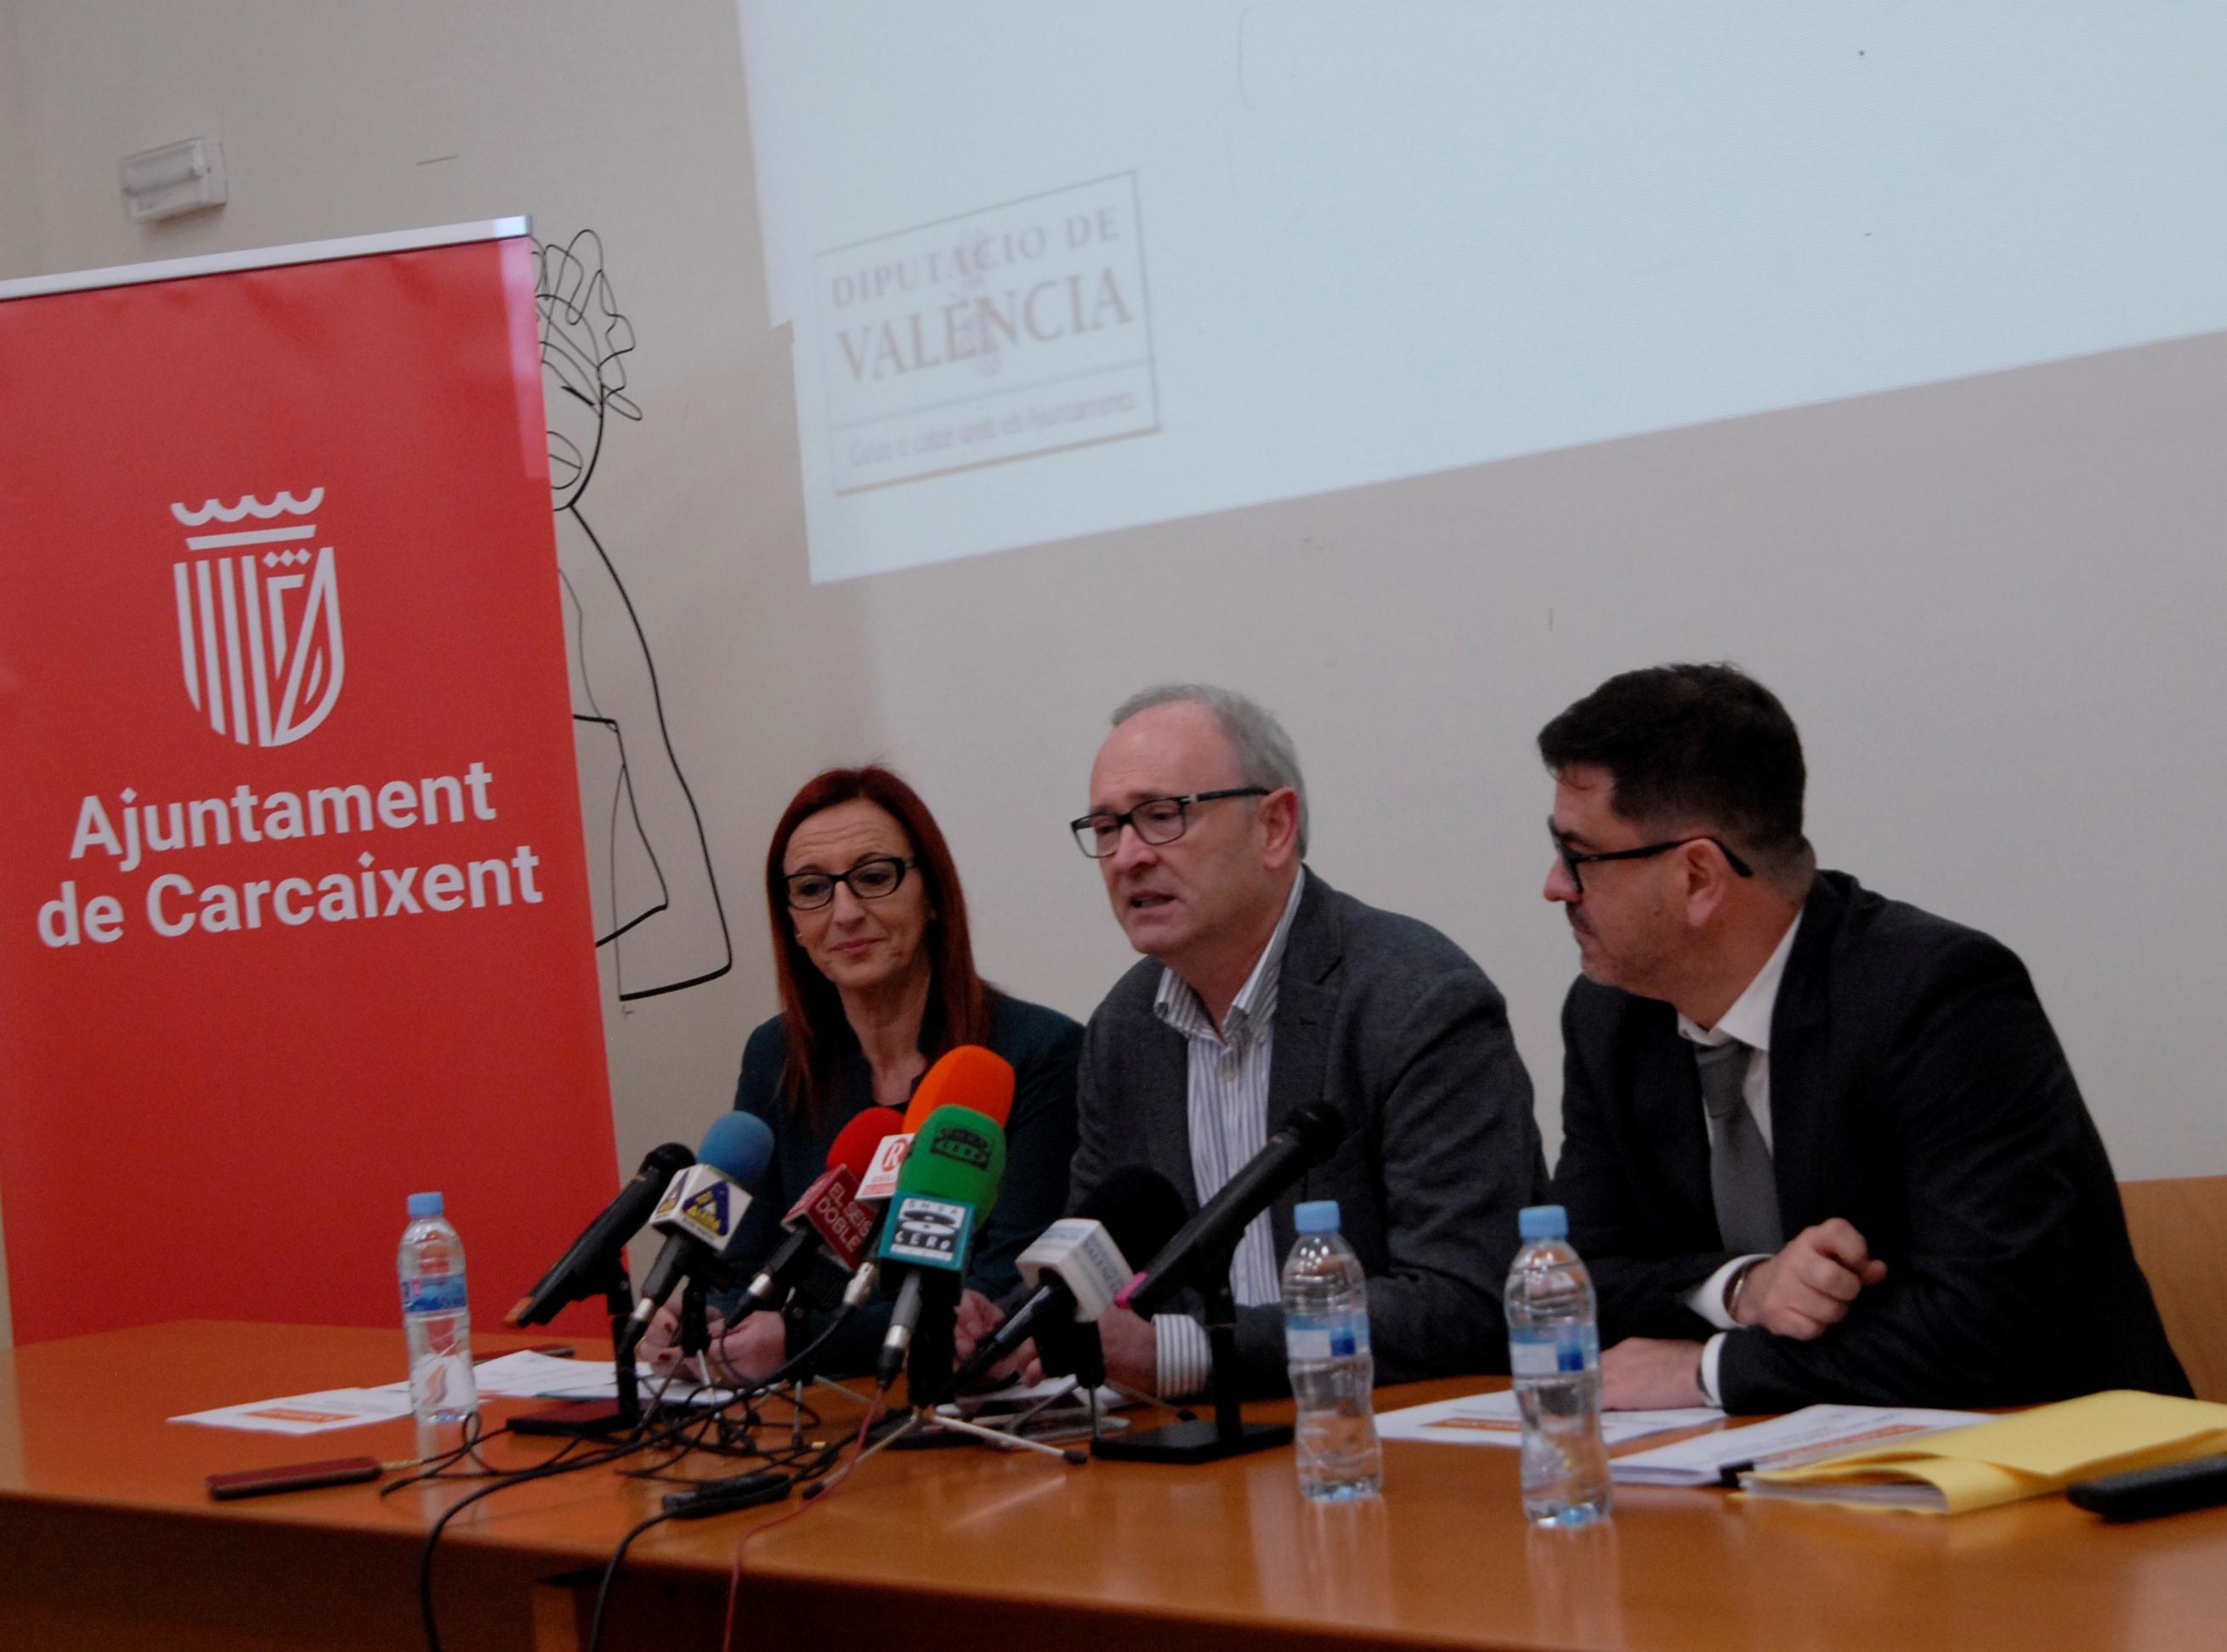 La vicepresidenta ha presentat, junt al diputat Emili Altur i l'alcalde de Carcaixent, la inversió comarcal d'aquest programa biennal de la Diputació de València.